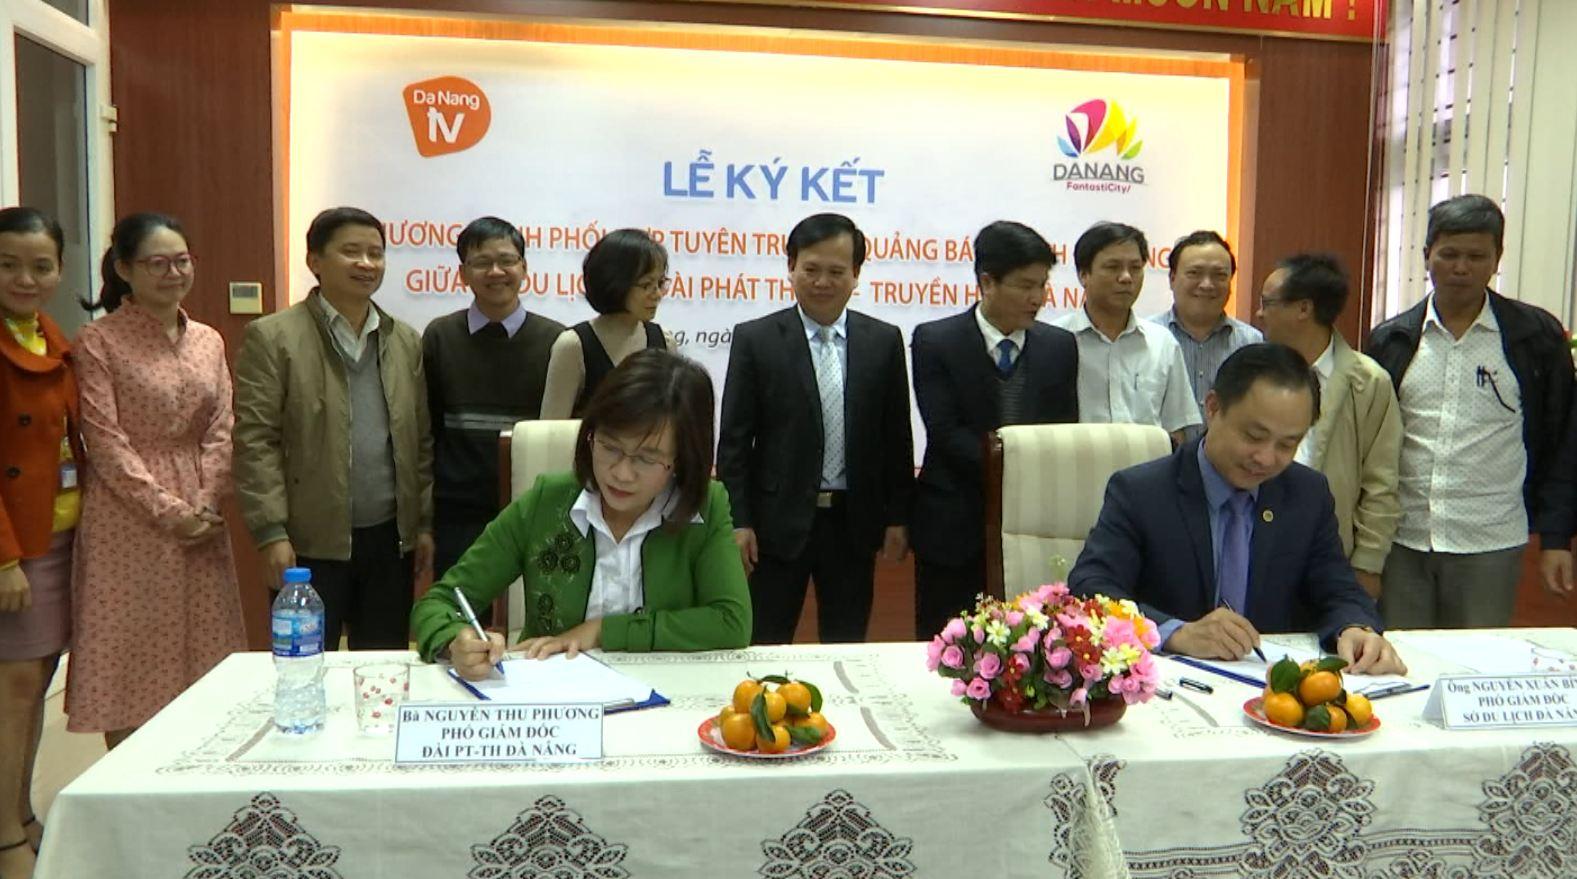 Sở Du lịch – Đài Phát thanh truyền hình Đà Nẵng: Ký kết Chương trình phối hợp tuyên truyền, quảng bá du lịch Đà Nẵng